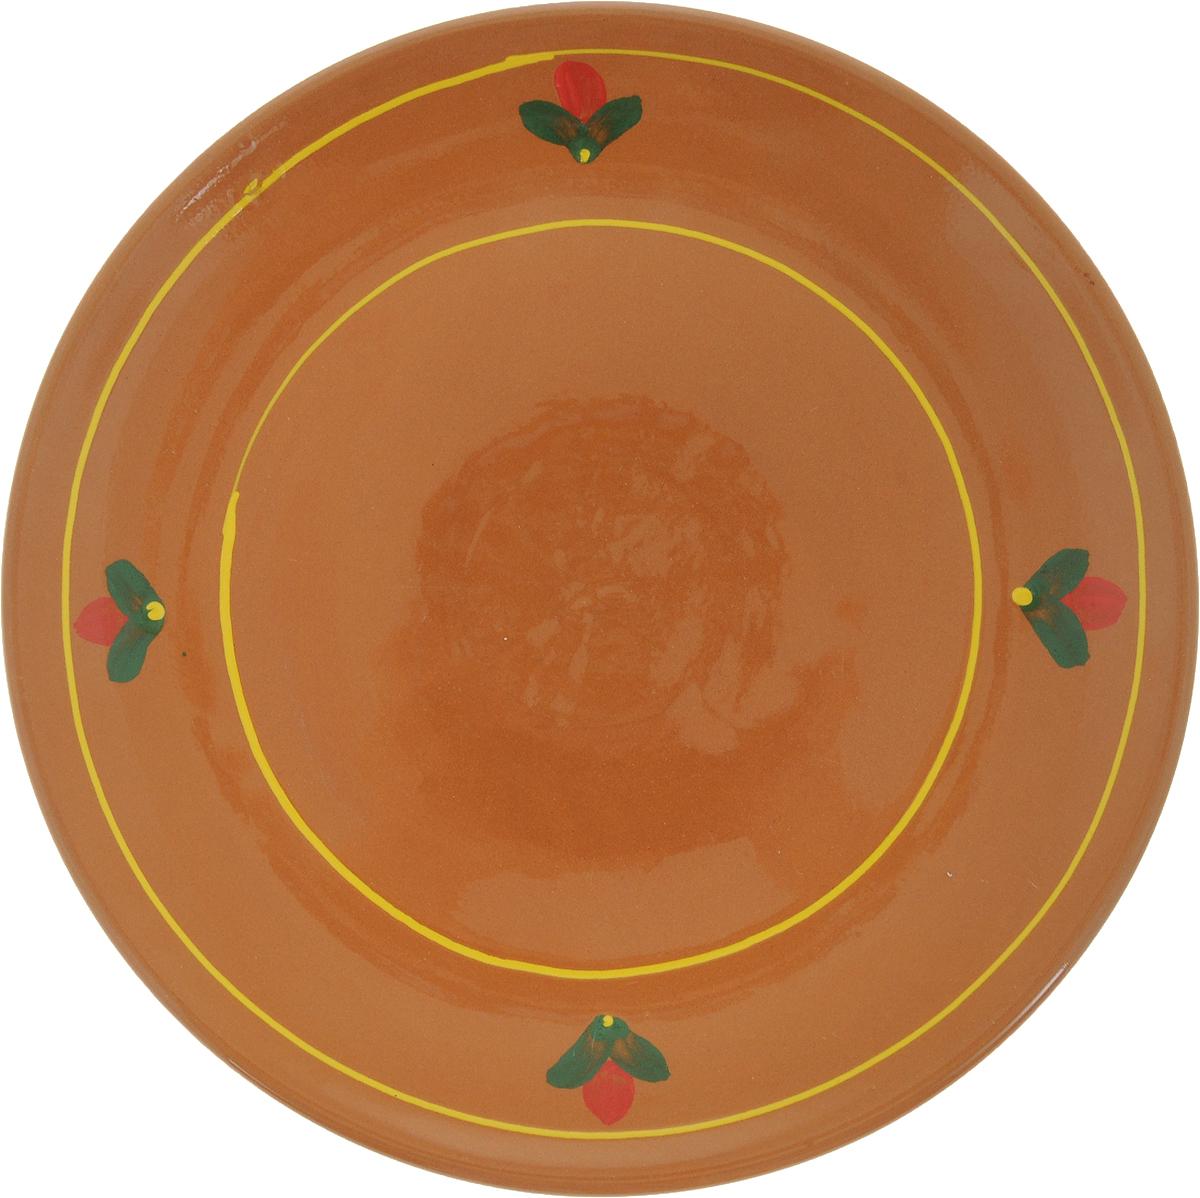 Тарелка Борисовская керамика Cтандарт, цвет: коричневый, желтый, диаметр 22,5 см10327SLBD14Тарелка Борисовская керамика Cтандарт выполнена из высококачественнойкерамики с покрытием пищевой глазурью. Изделие отлично подходит для подачи вторых блюд,сервировки нарезок, закусок, овощей и фруктов. Такая тарелка отлично подойдет дляповседневного использования. Она прекрасно впишется в интерьер вашей кухни.Посуда термостойкая, можно использовать в духовке и в микроволновой печи.Диаметр тарелки (по верхнему краю): 22,5 см.Высота стенки: 2,5 см.